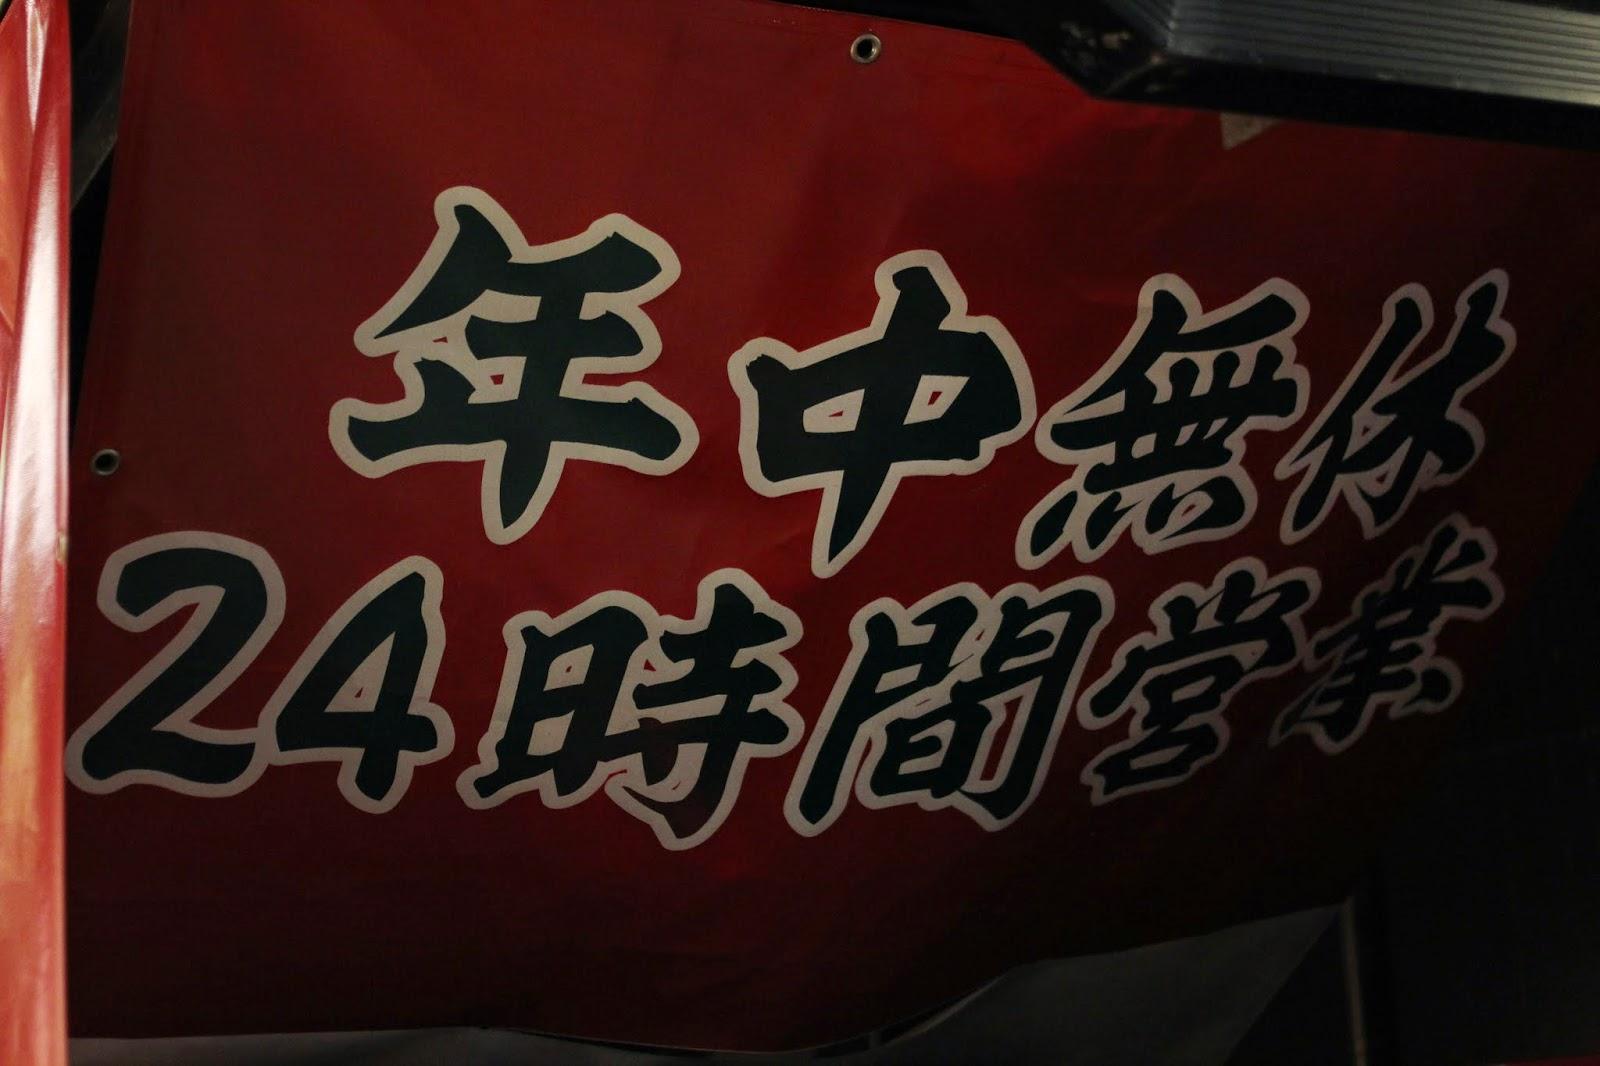 http://4.bp.blogspot.com/-wf1wXGw52gw/VGEH_hdIxiI/AAAAAAAE6rg/7AUGXlVCFXI/s1600/IMG_9554.JPG